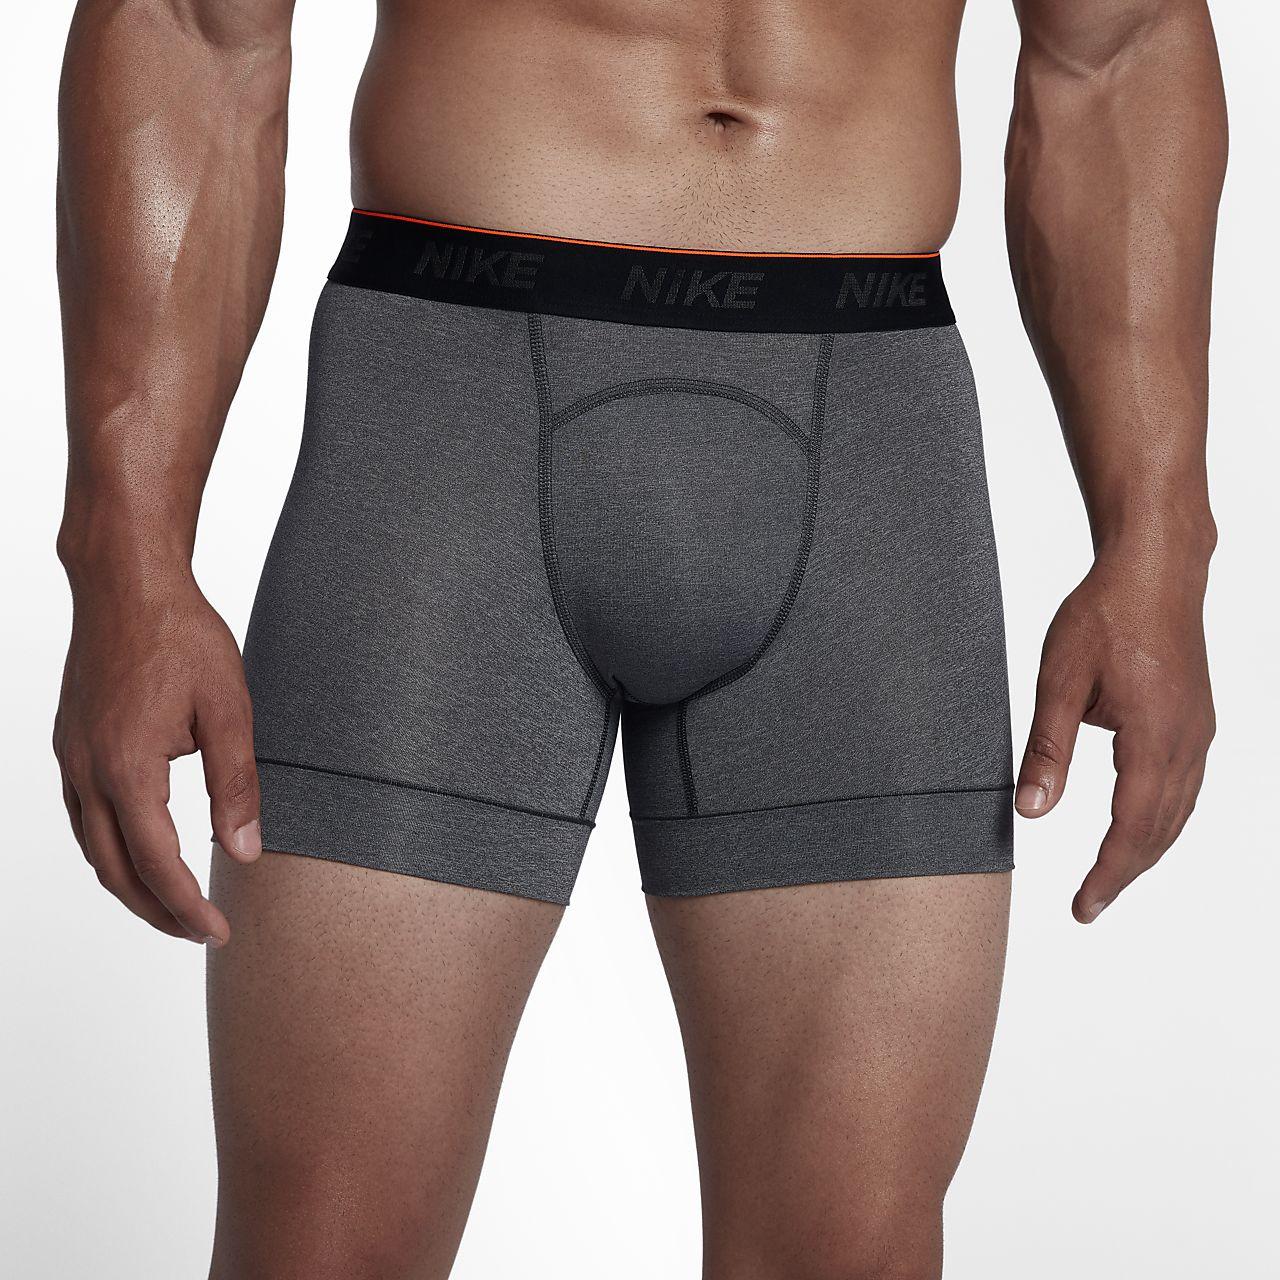 Underkläder Nike för män (2 par)